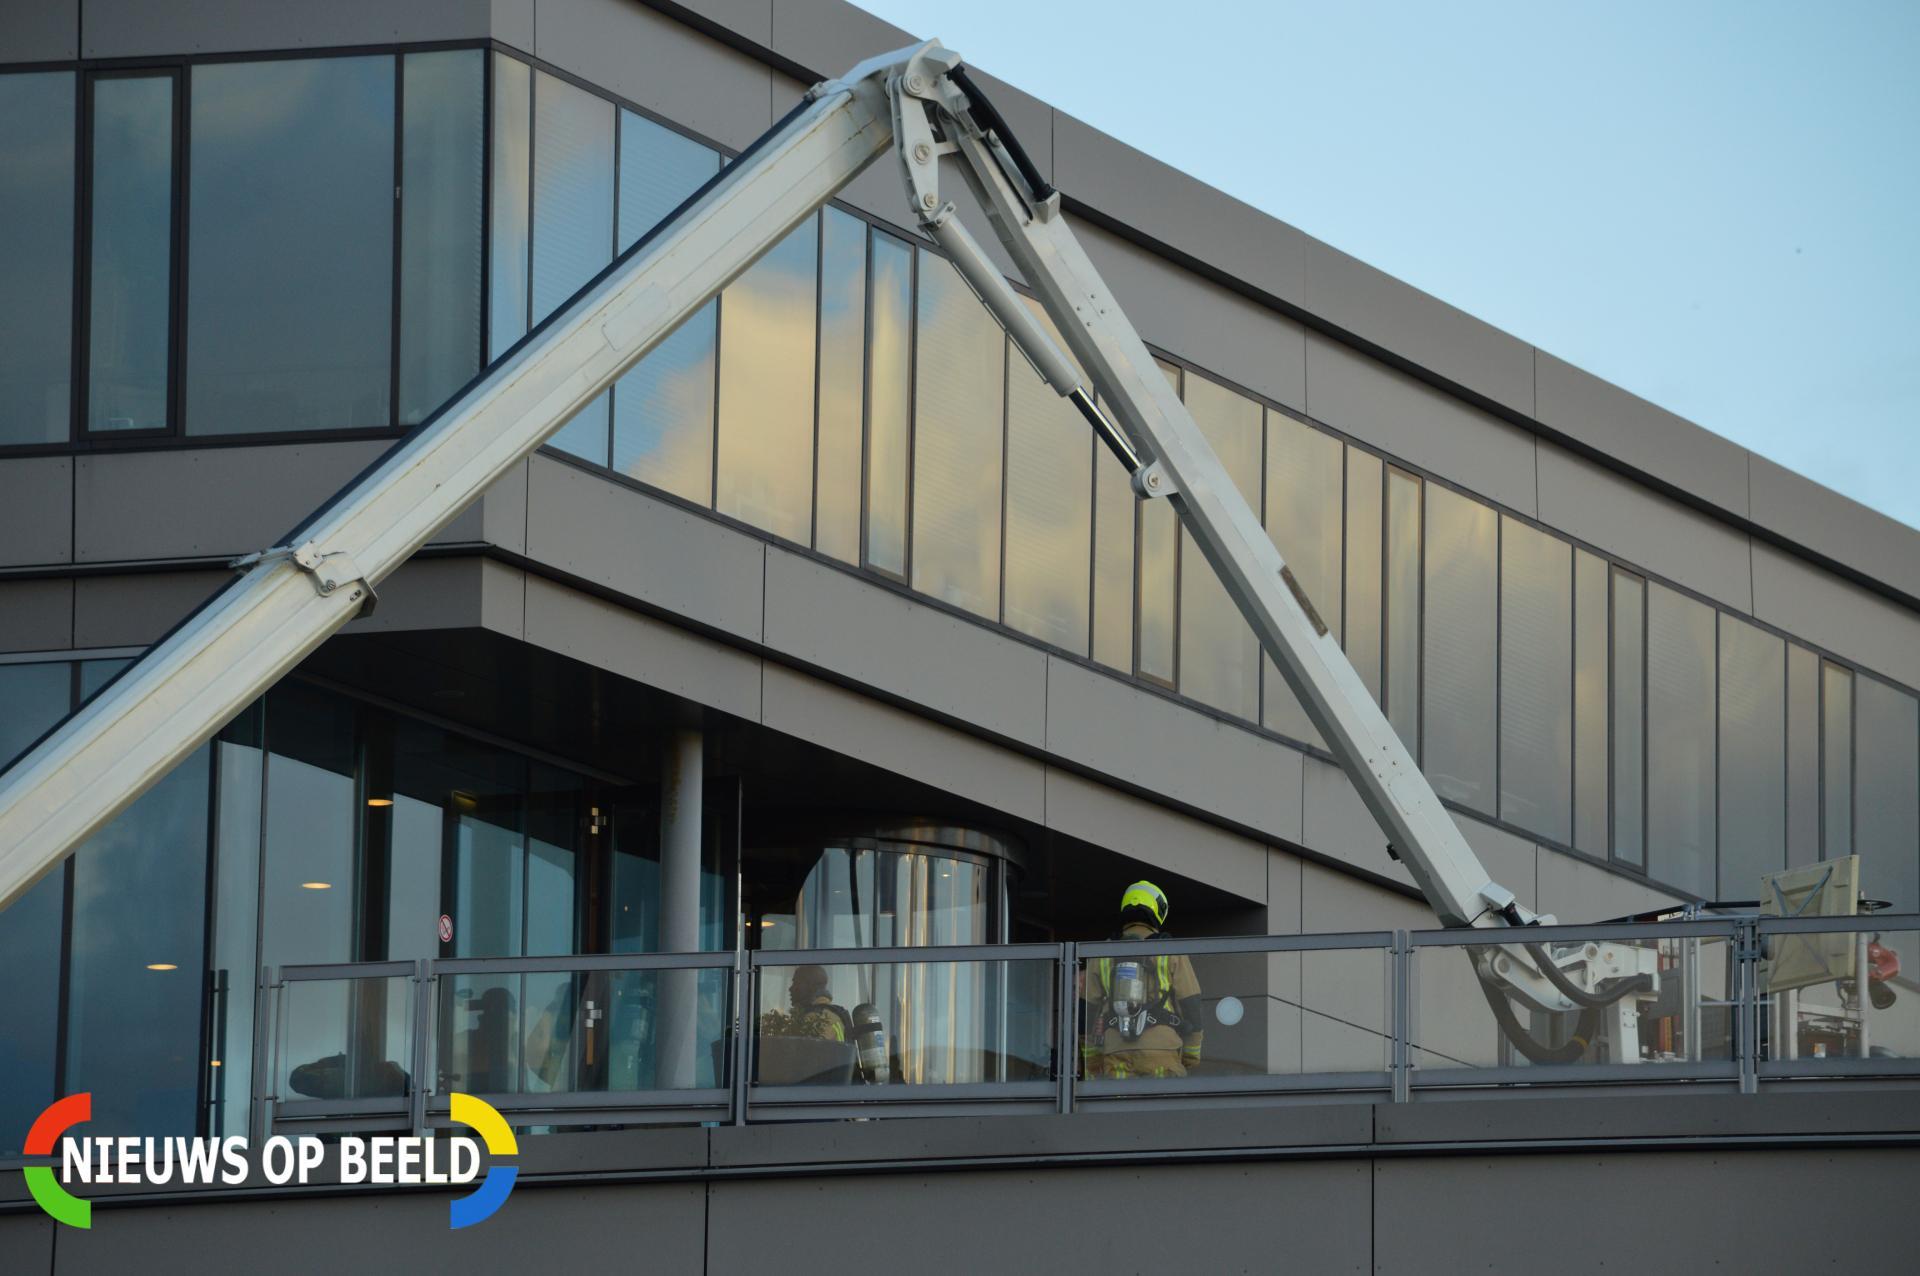 Doorgebrande kabel zorgt voor rookontwikkeling in pand van Yes! Molengraafsingel Delft